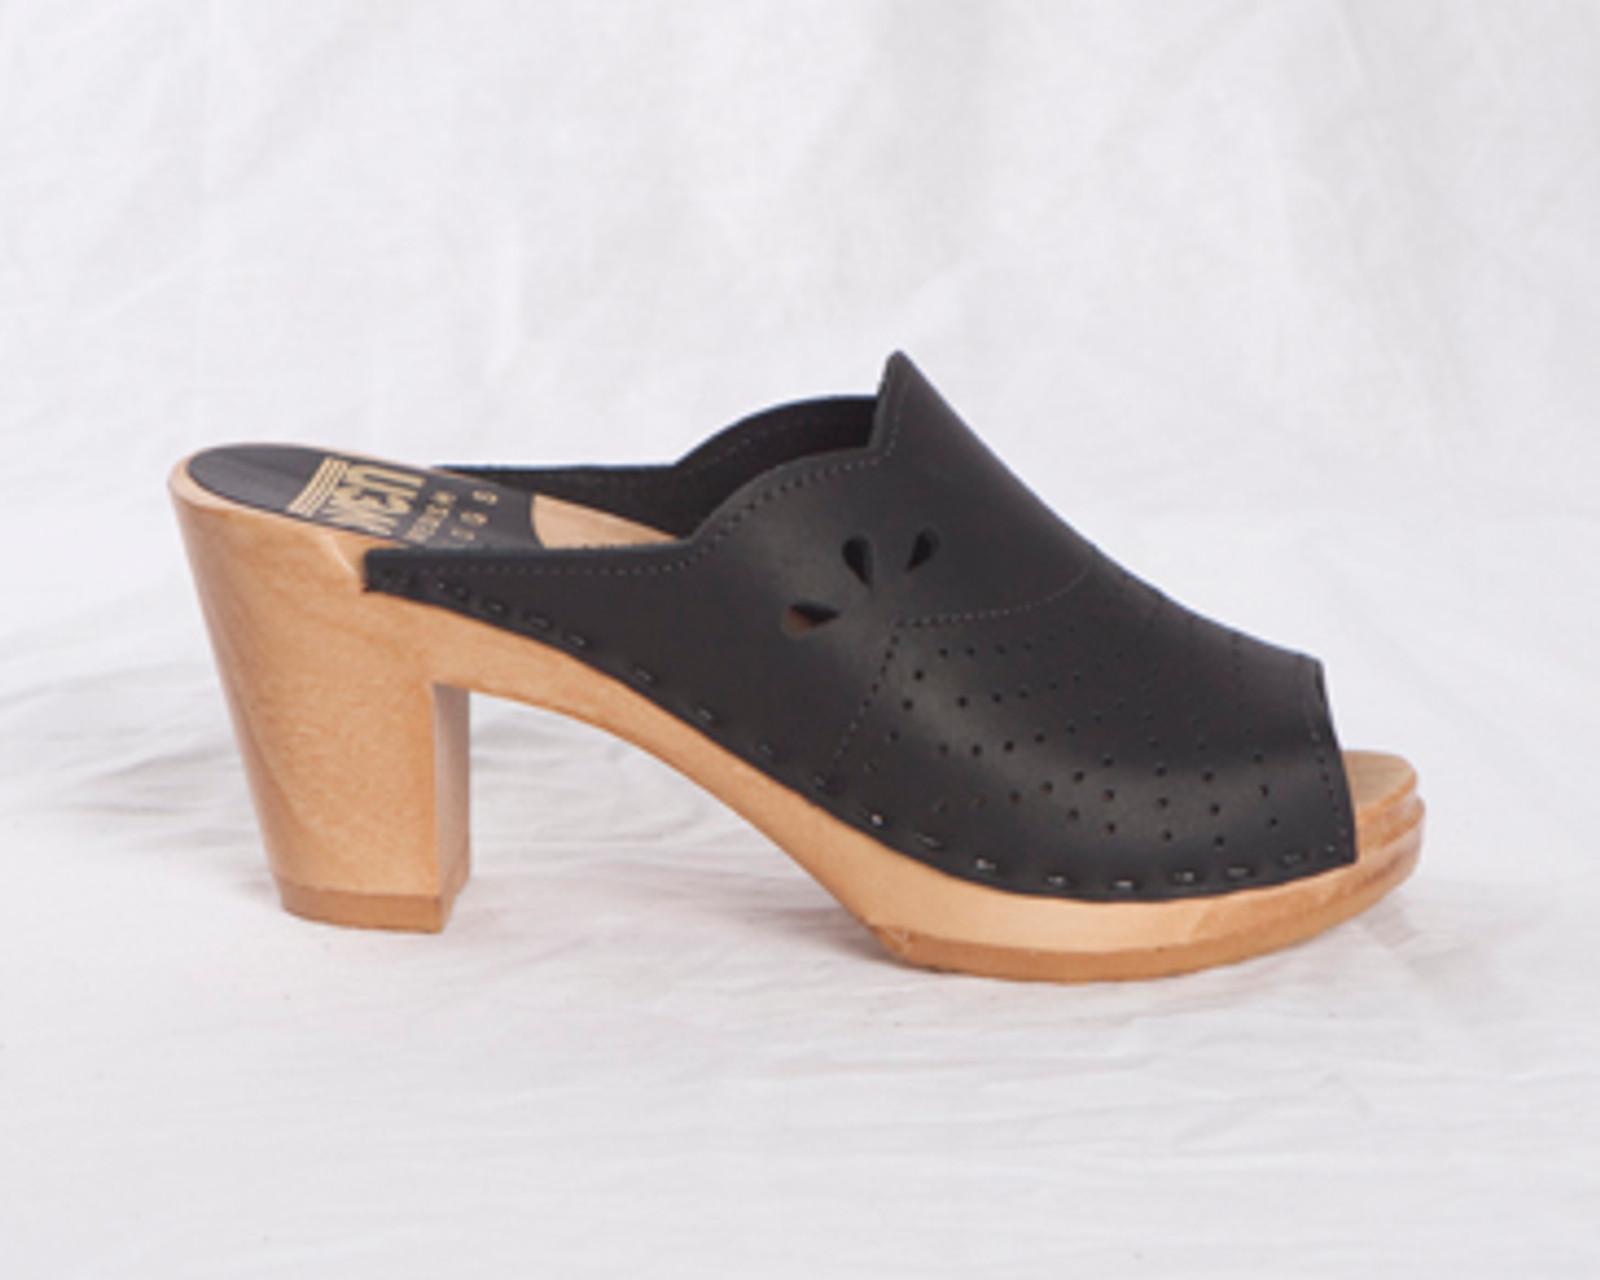 Scallop Clogs High Heels